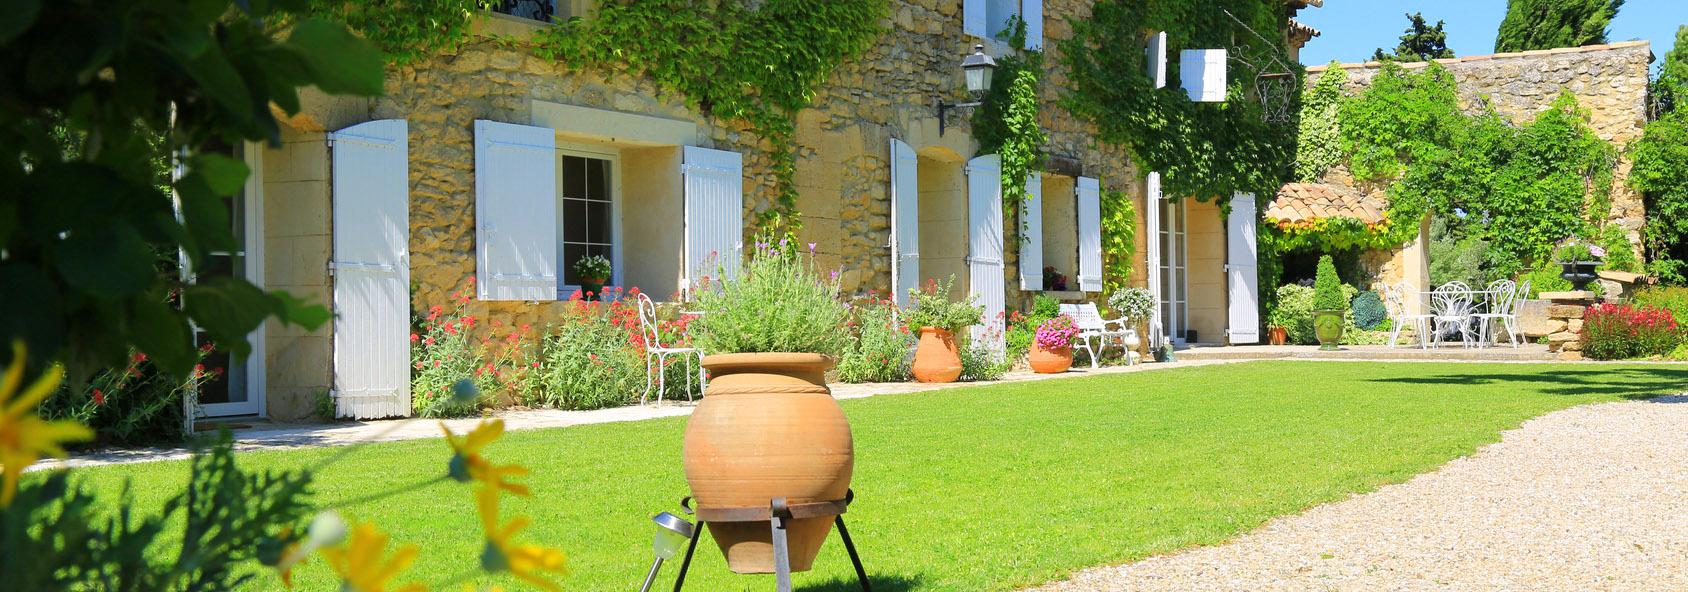 realizzazione giardino villa storica